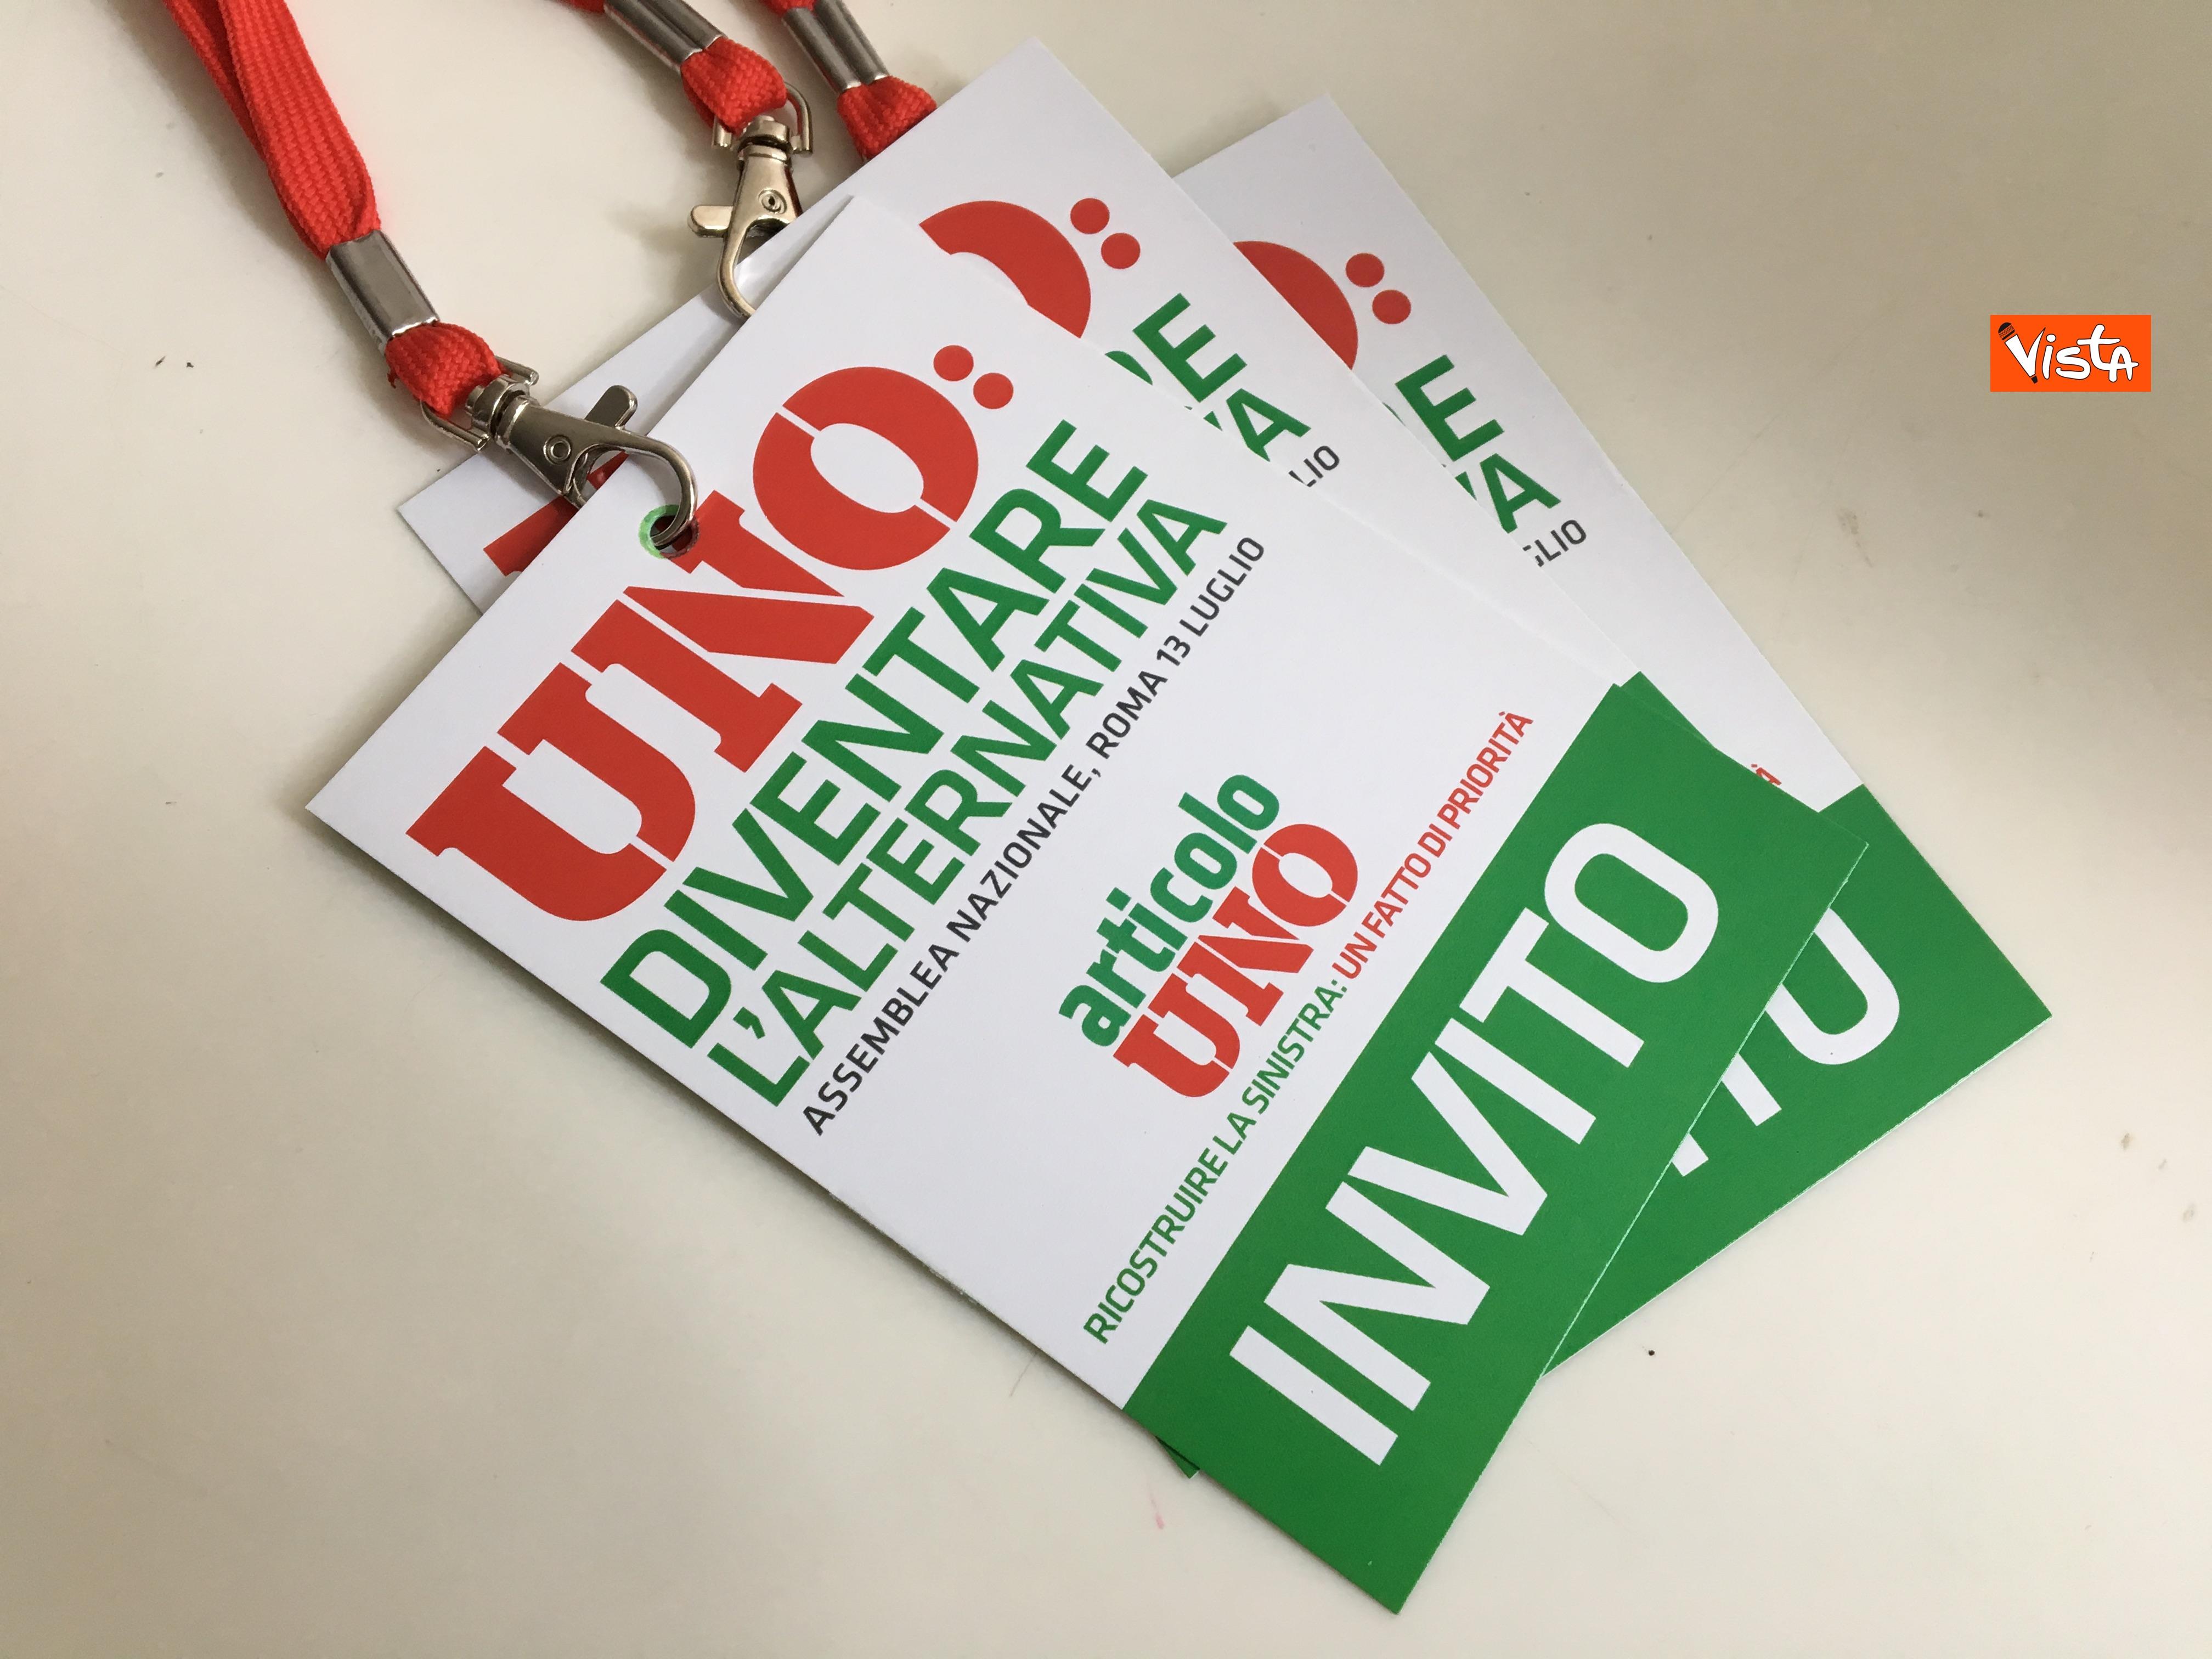 13-07-19 Articolo Uno l Assemblea nazionale a Roma immagini